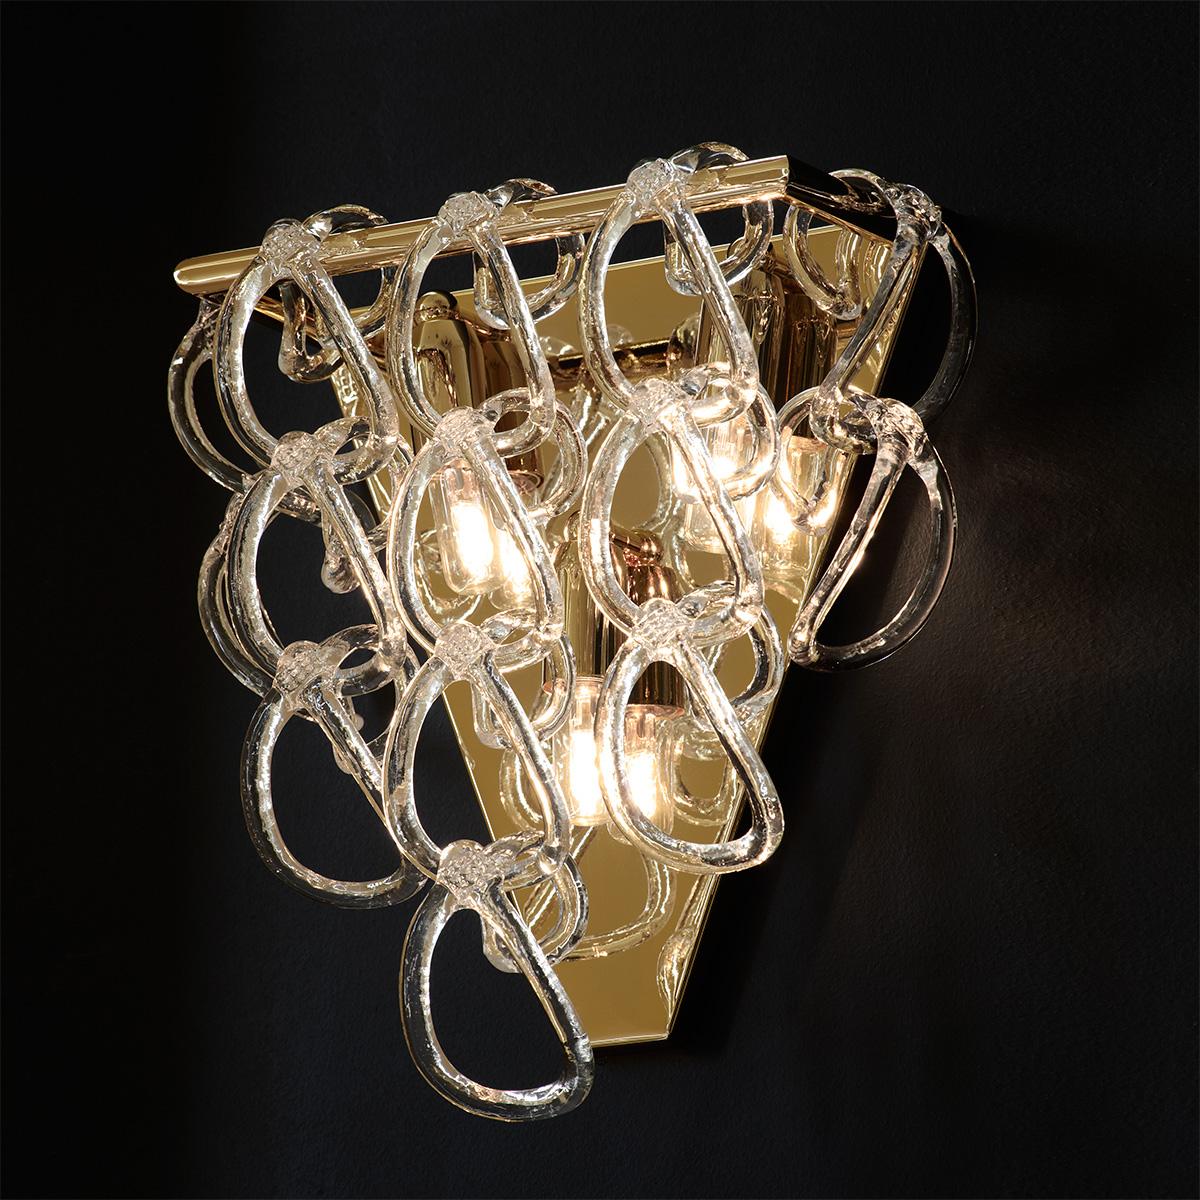 Επιτοίχιο φωτιστικό Μουράνο ΓΑΝΤΖΟΙ murano wall lamp